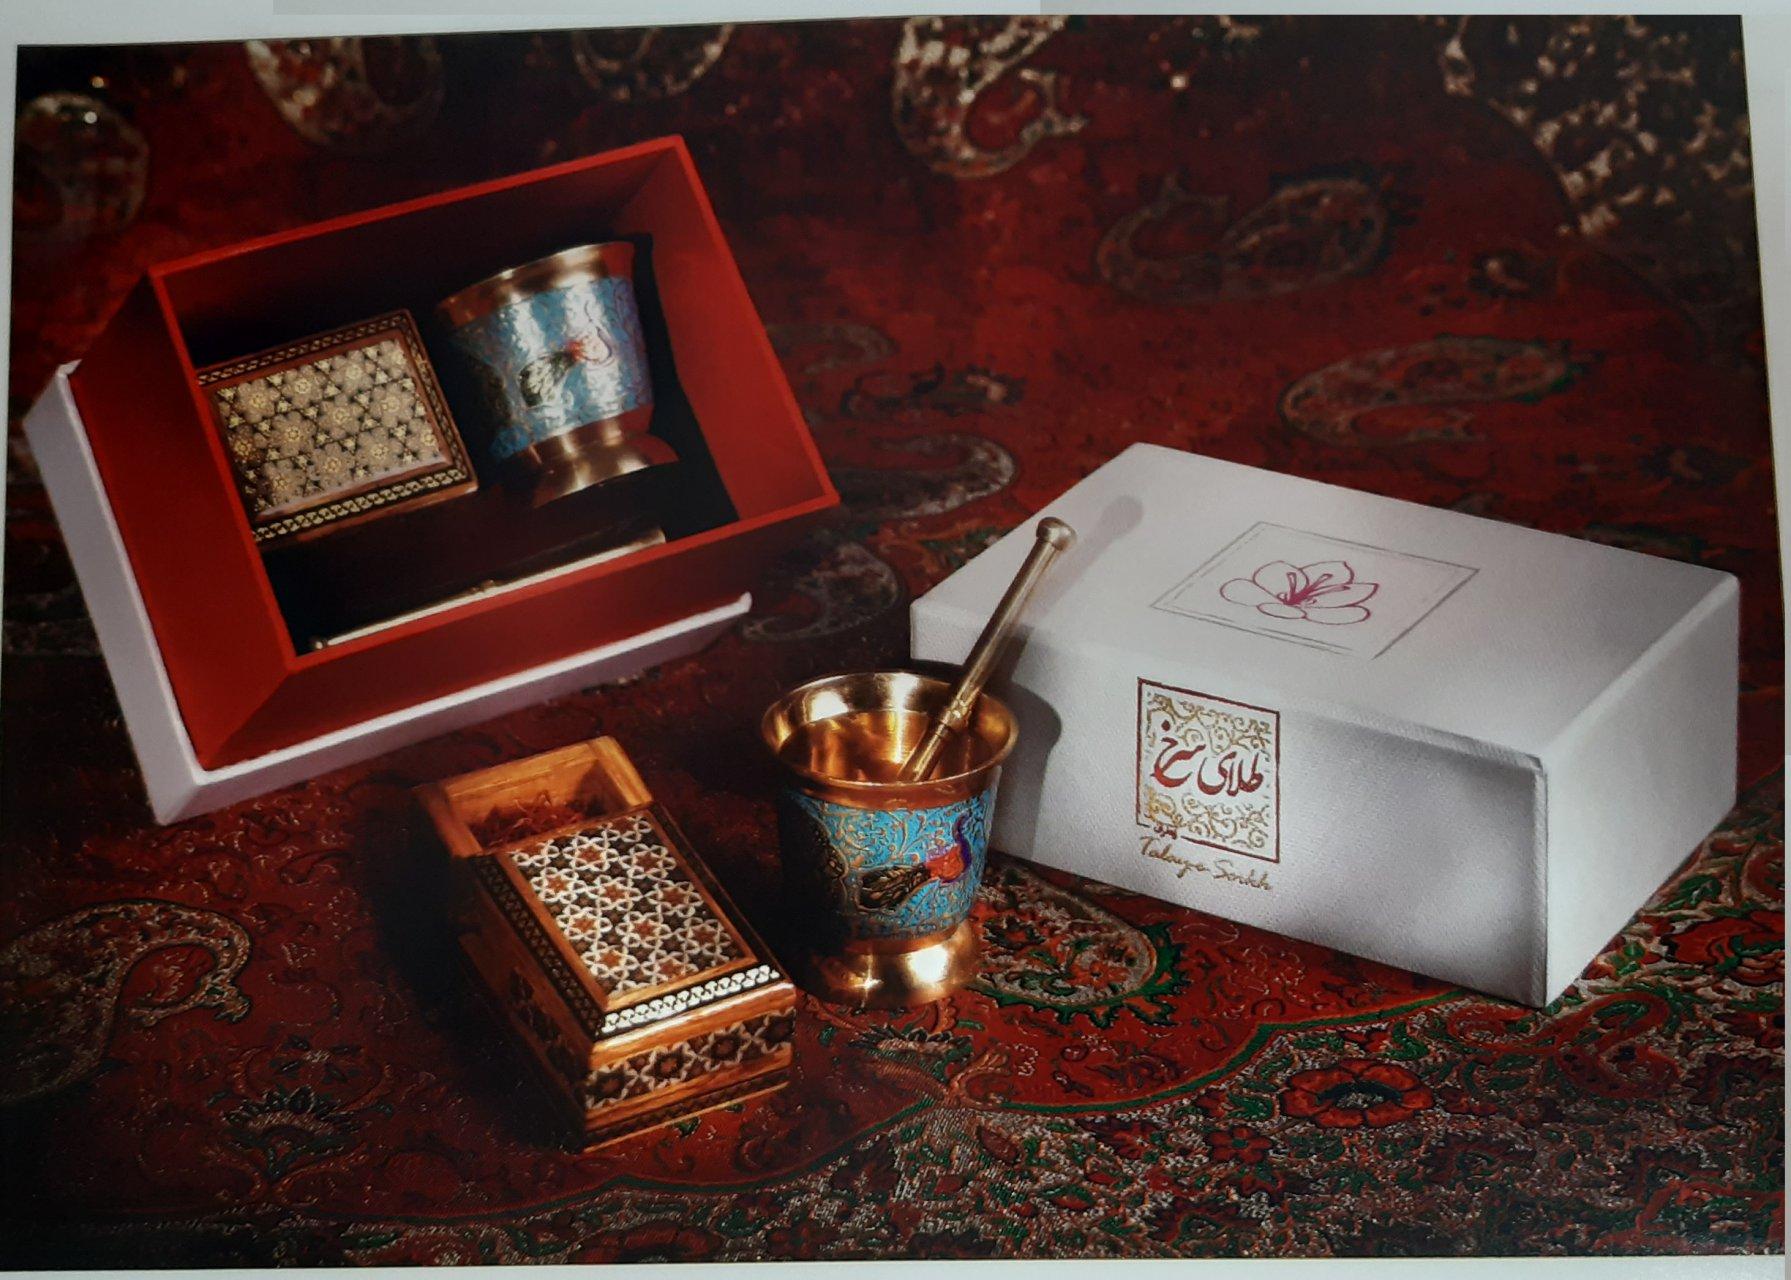 زعفران یک مثقال ناب قائنات همراه هاون و جعبه خاتم